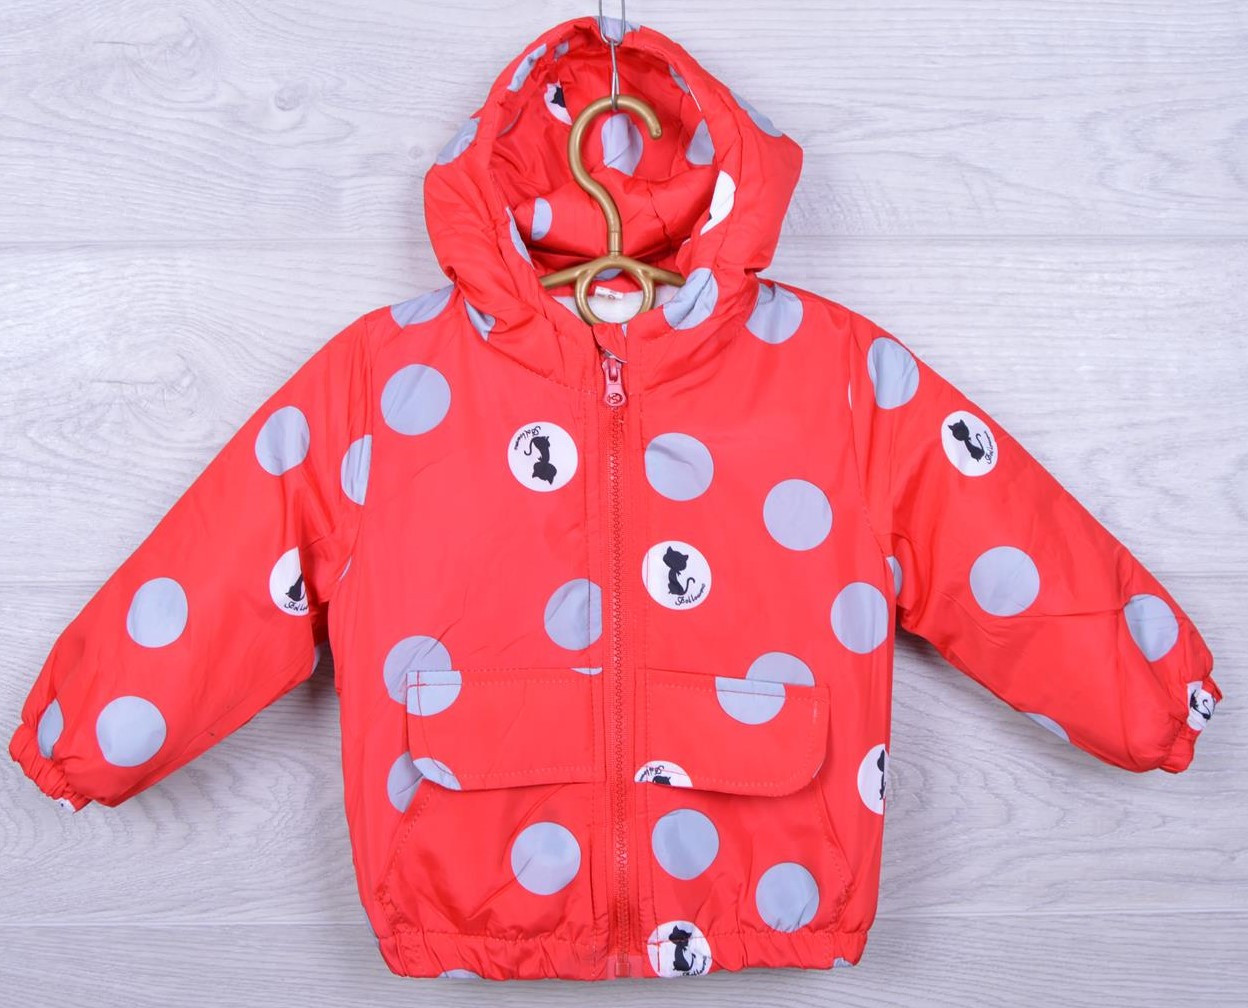 Куртка детская демисезонная Jinshouzhi #26-1 для девочек. 1-2-3-4 года. Красная. Оптом.